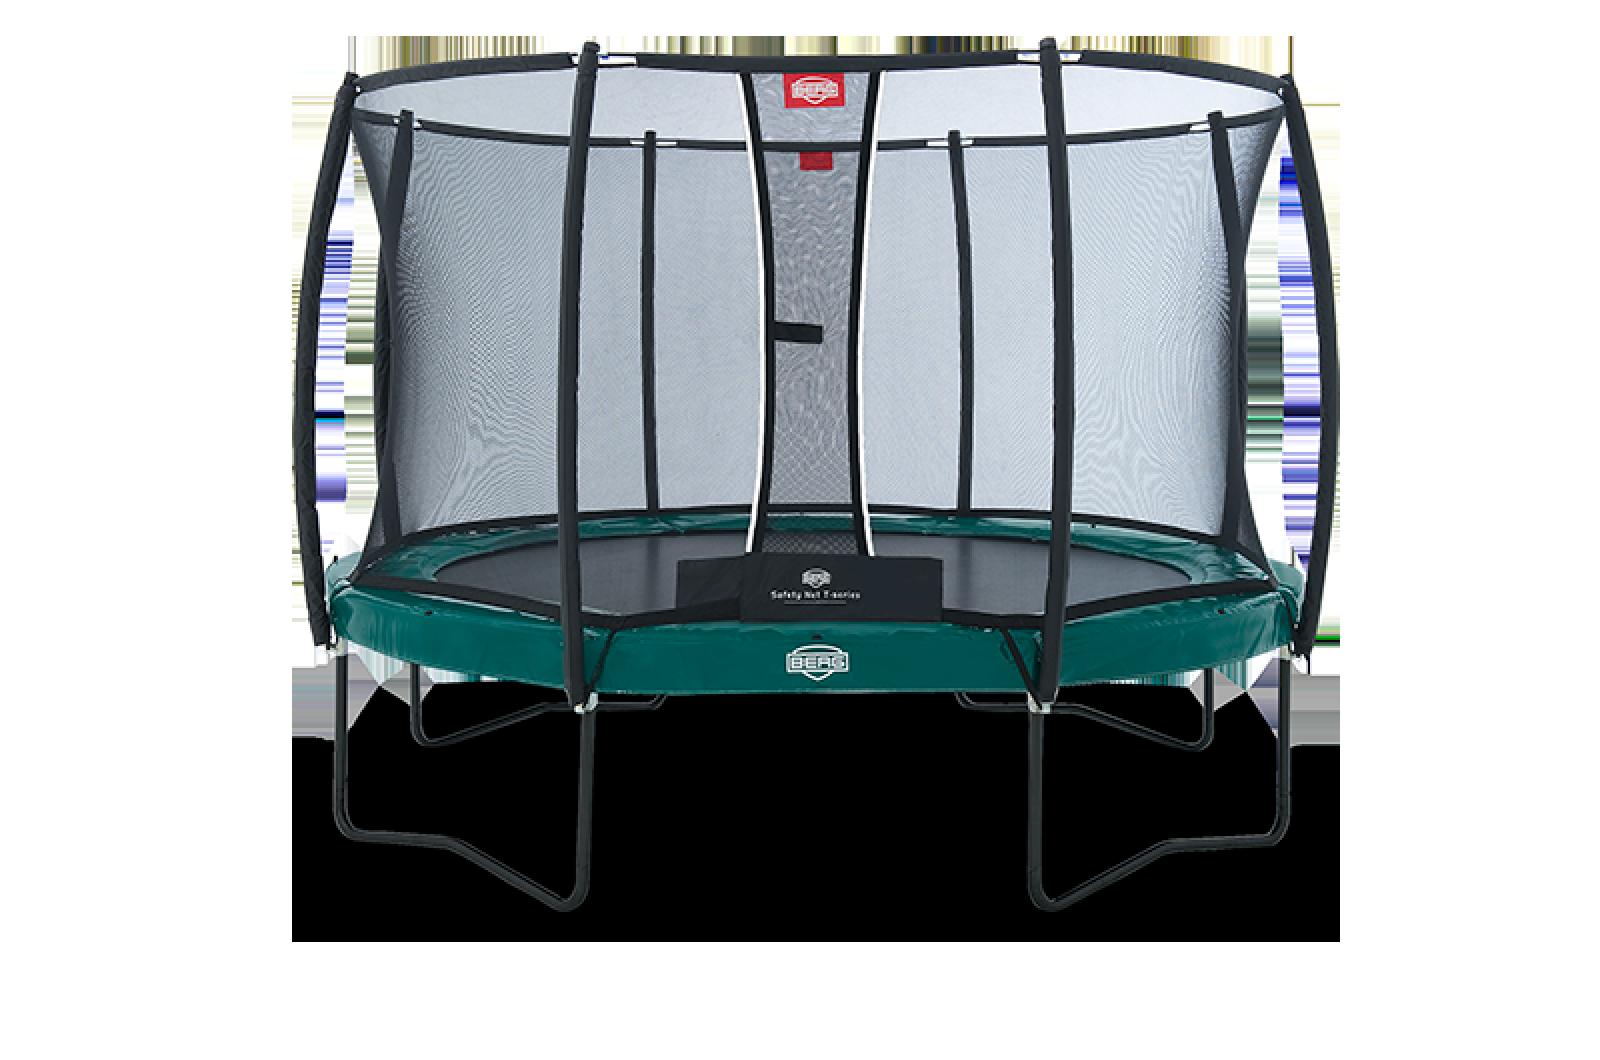 berg trampoline elite regular inkl sikkerhetsnett t serie kj p test sport tiedje. Black Bedroom Furniture Sets. Home Design Ideas